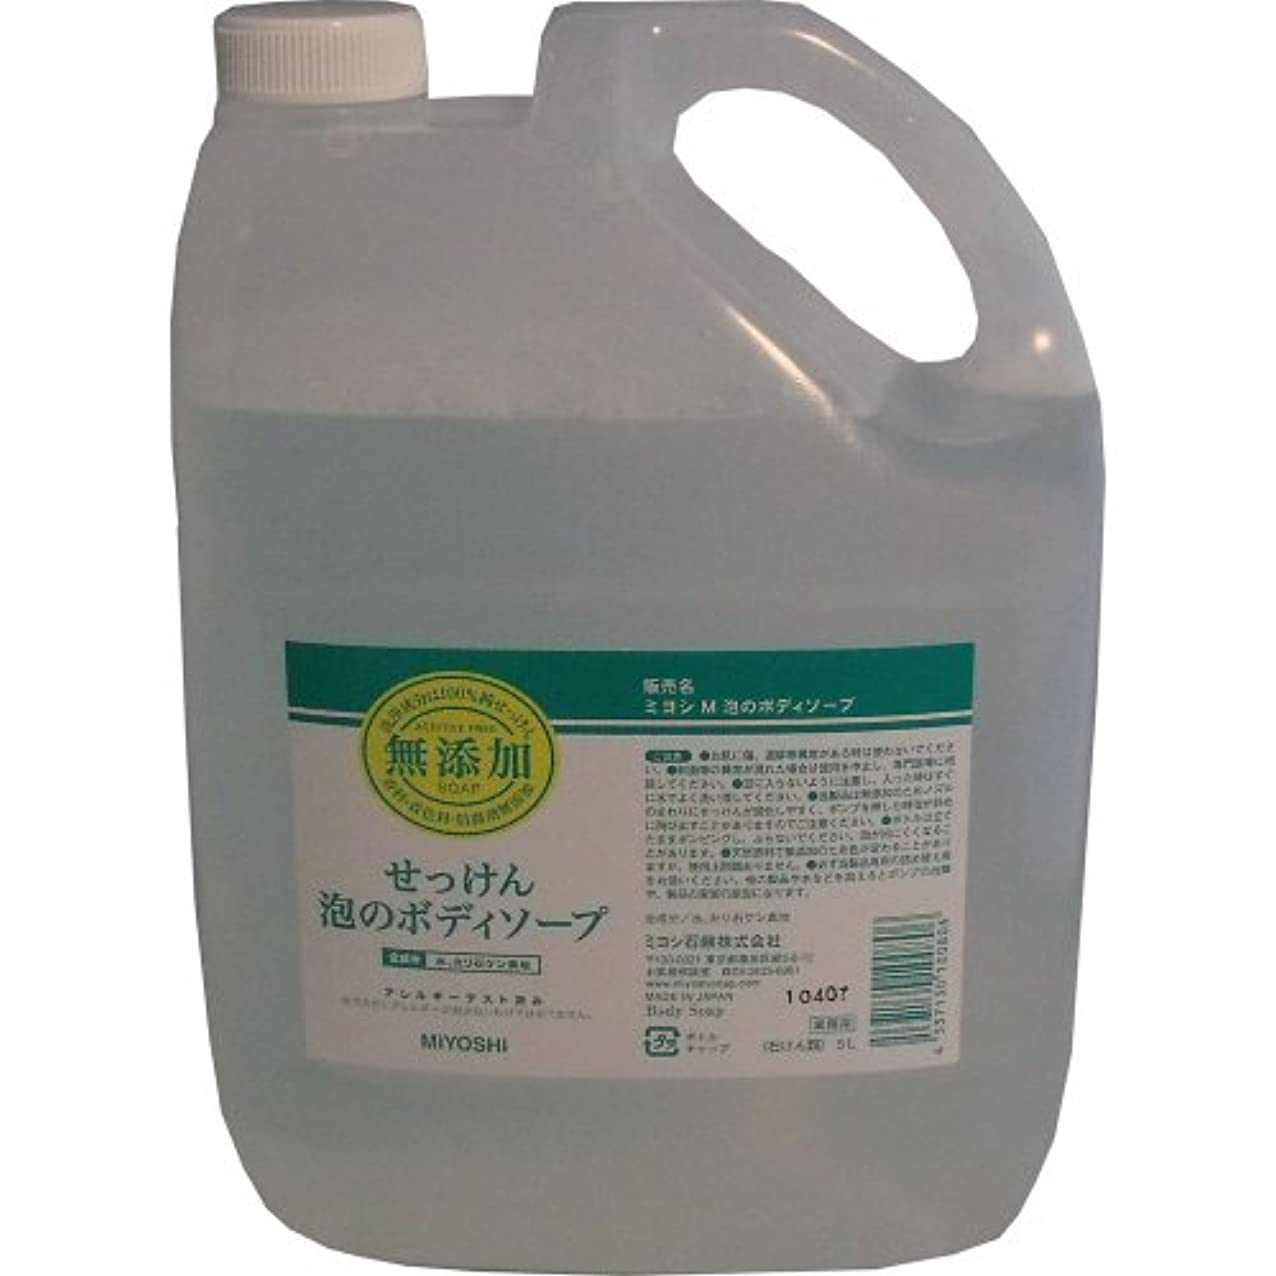 振動する土地根拠ミヨシ石鹸無添加せっけん 泡のボディソープ 5L×4個セット 取り寄せ商品のため7-10日かかります